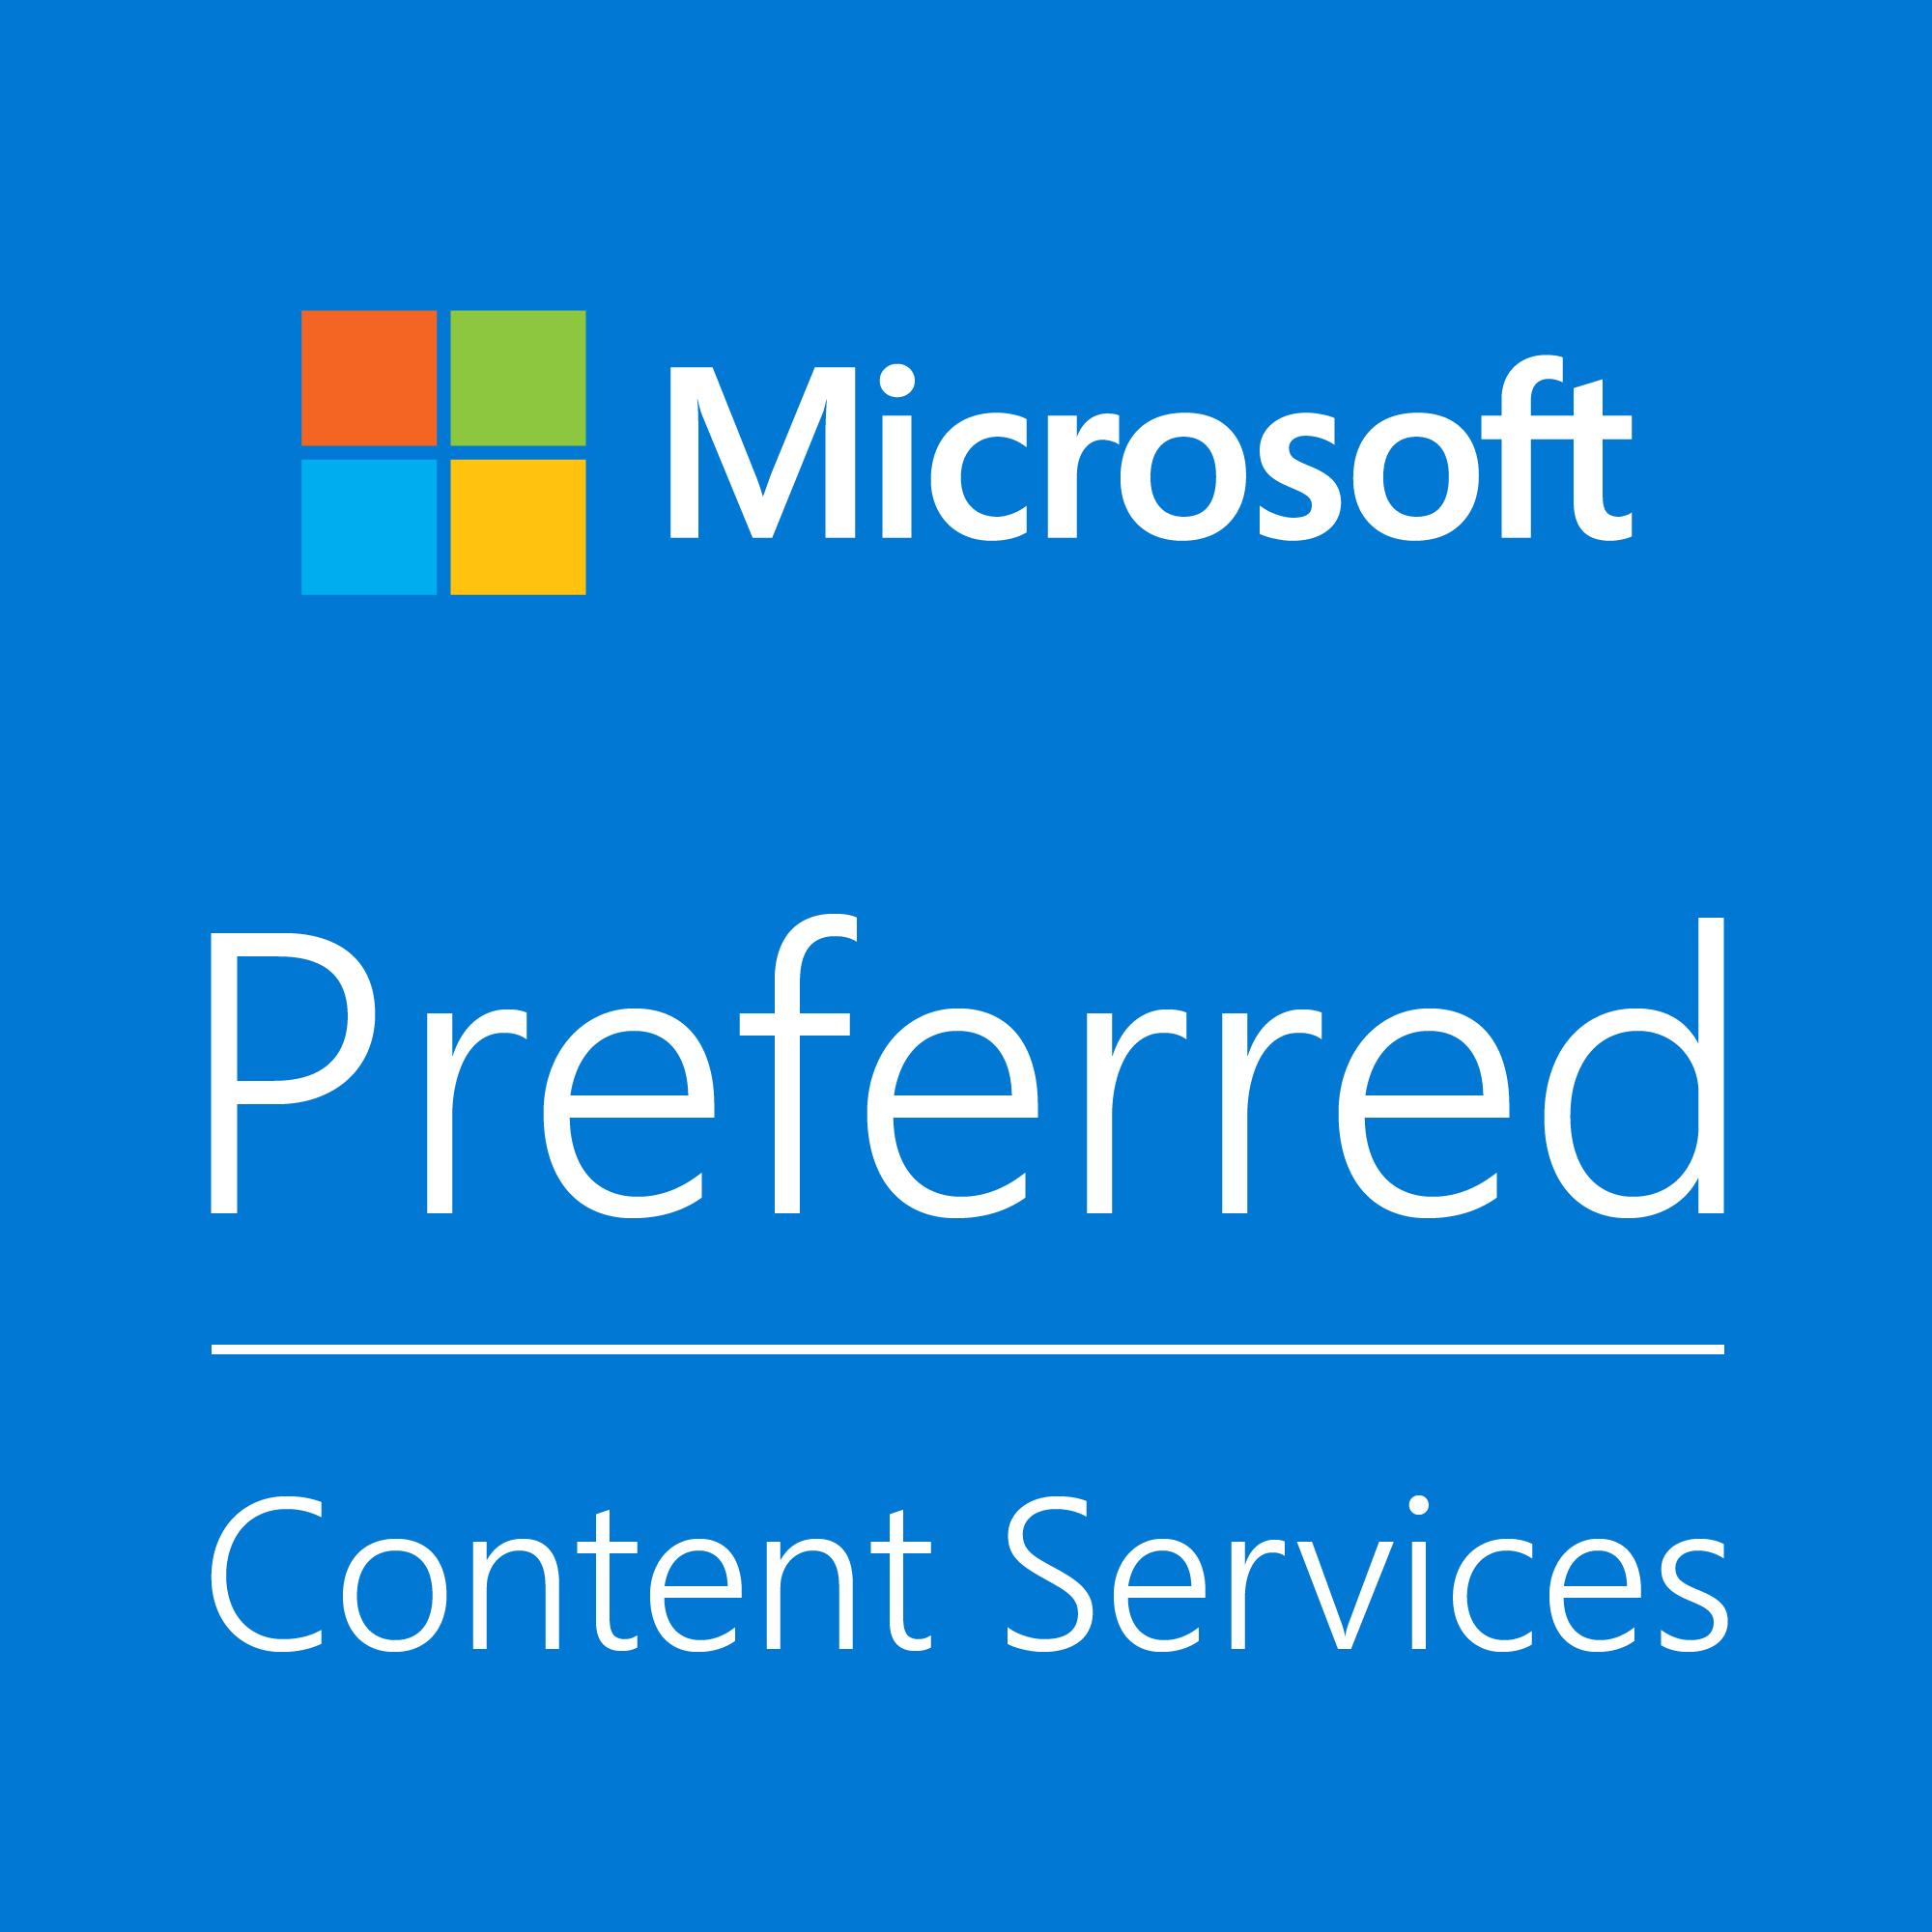 Microsoft Project Cortex Content Services Preferred Partner